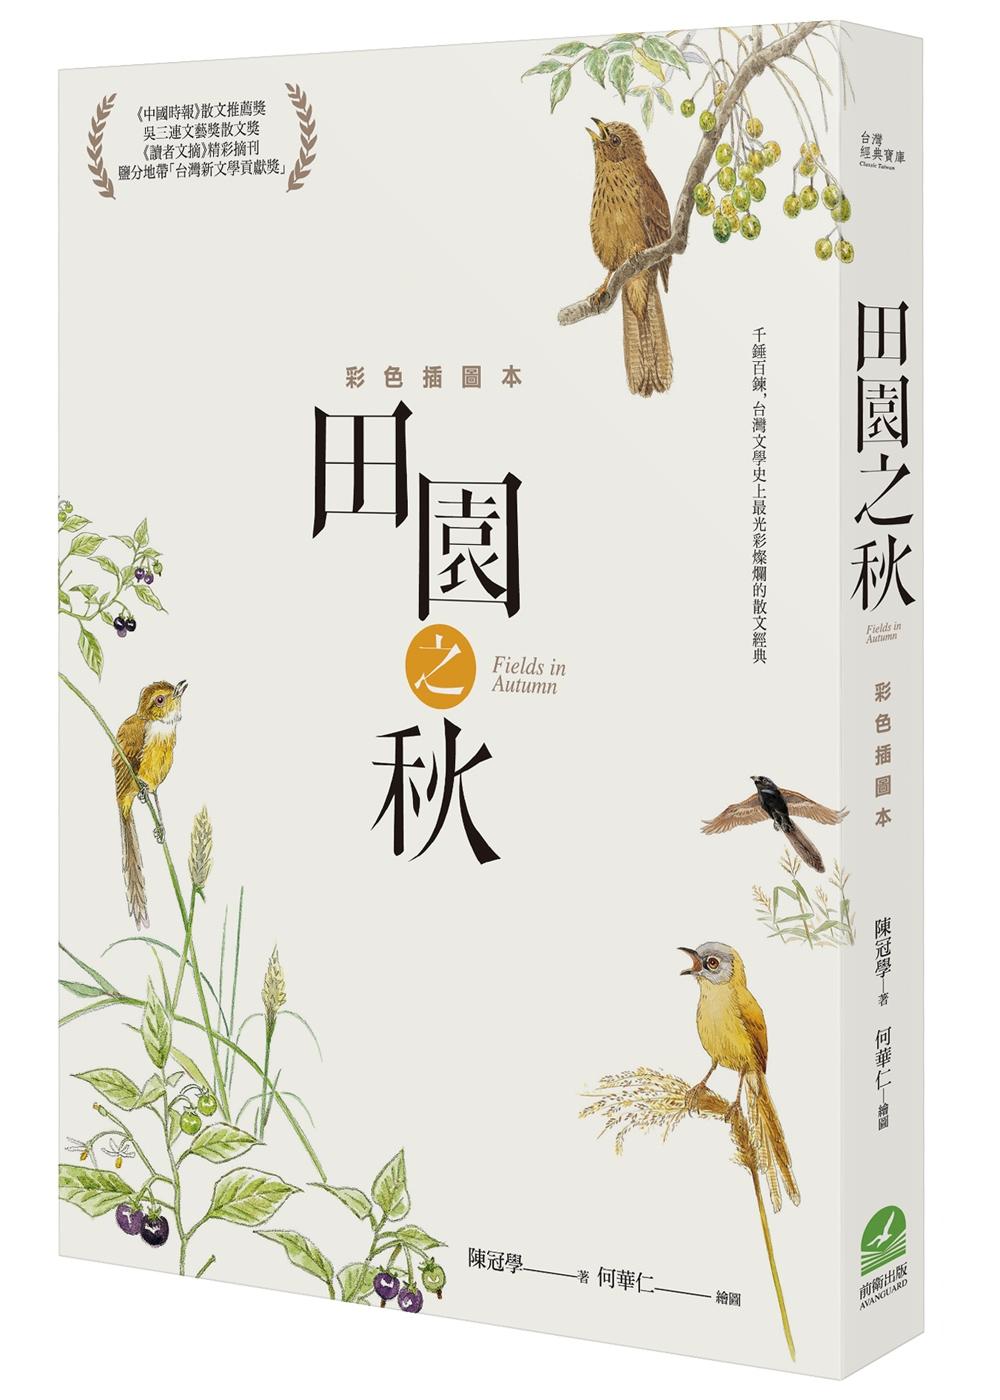 《田園之秋:彩色插圖本(修訂新版)》 商品條碼,ISBN:9789578018341